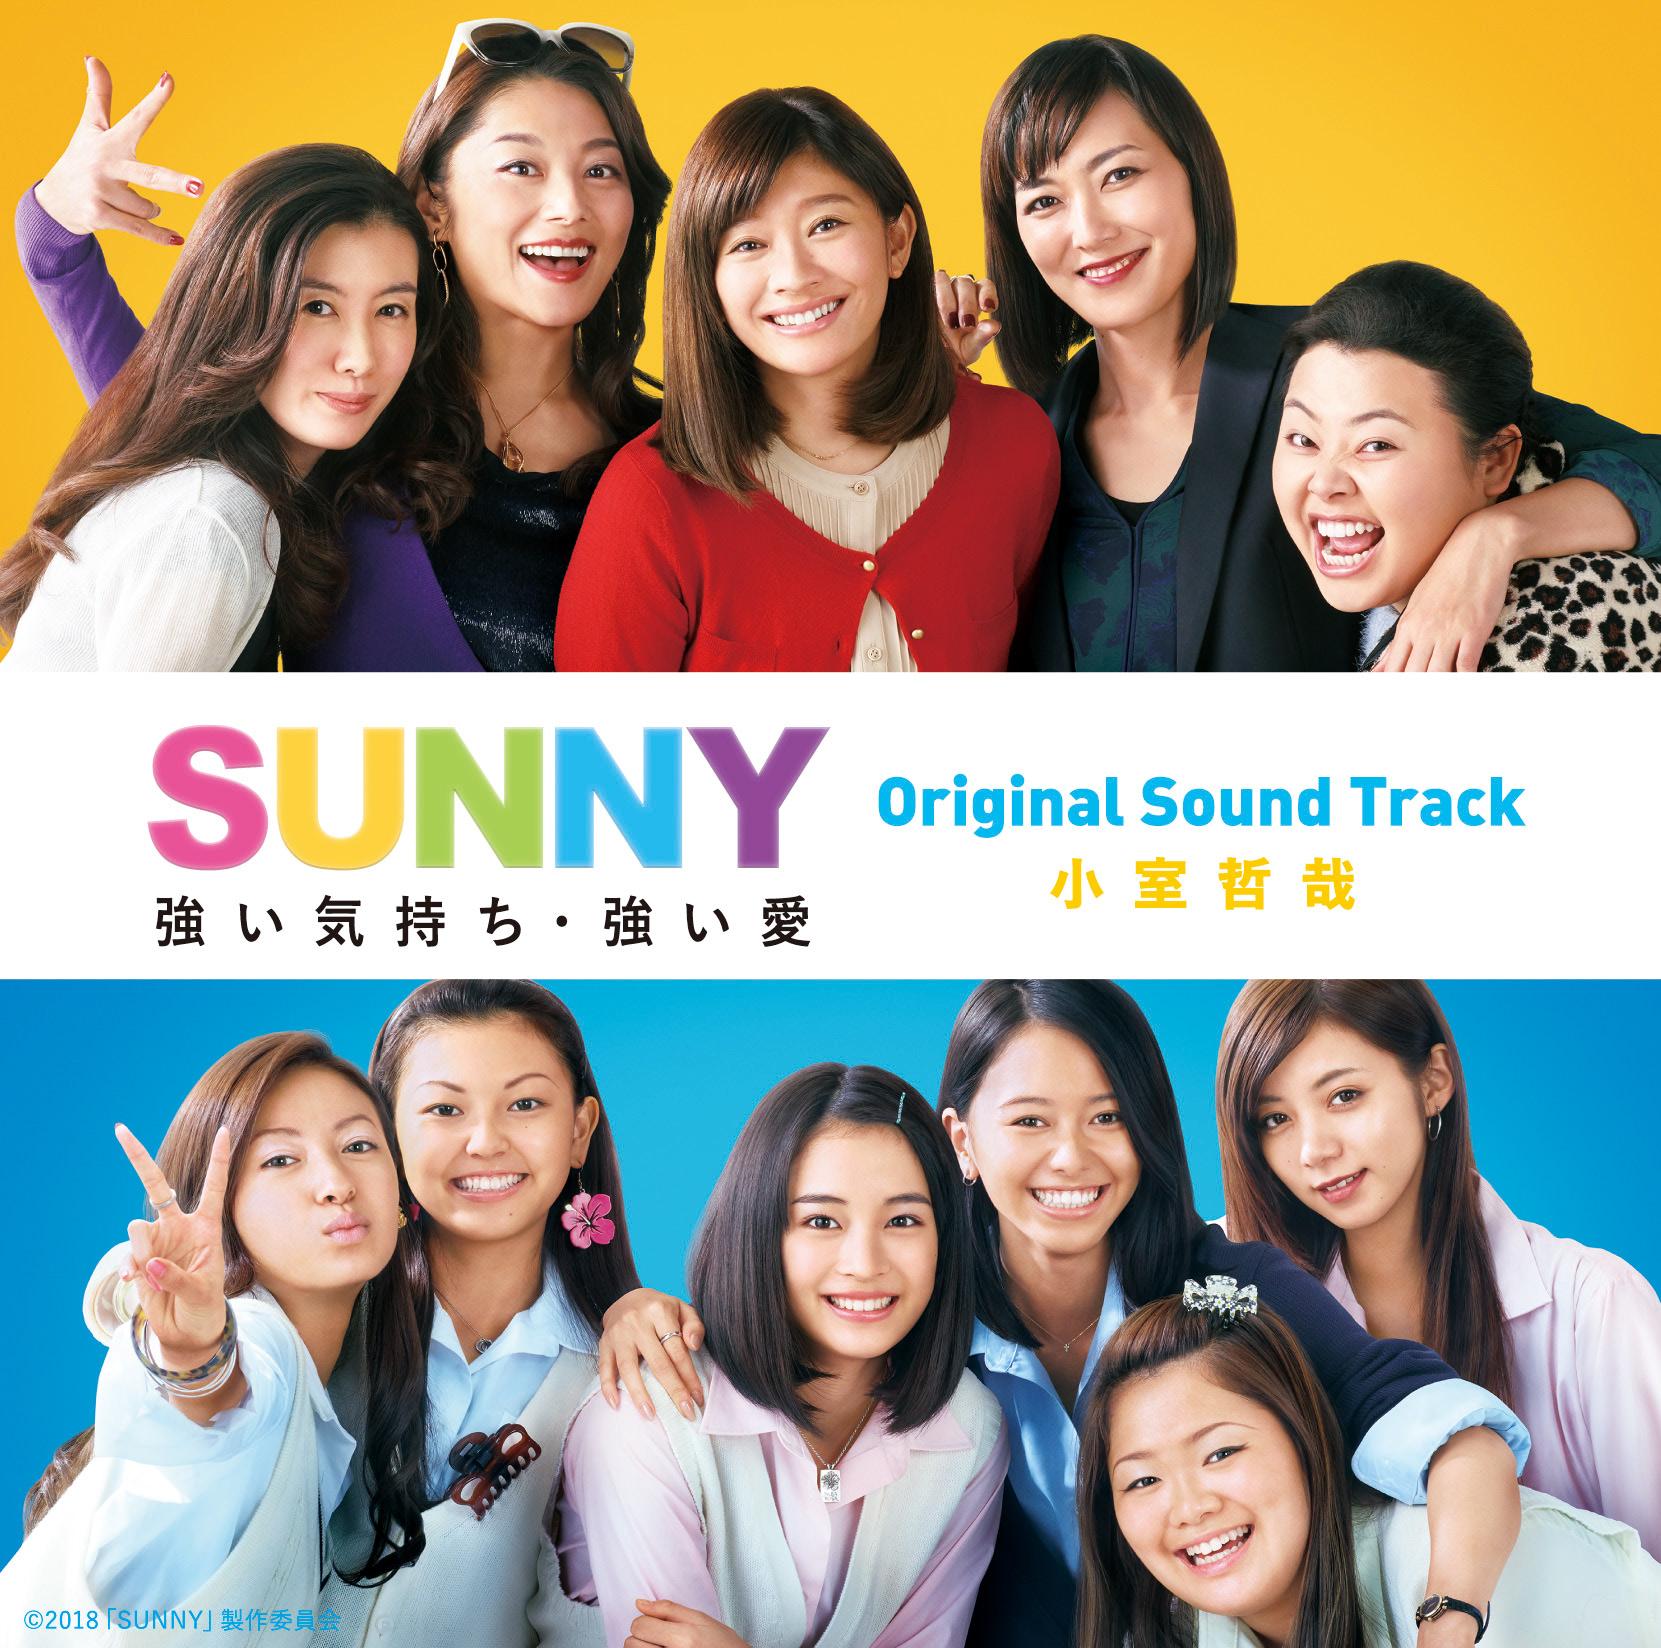 小室哲哉 『SUNNY 強い気持ち・強い愛』Official Sound Track